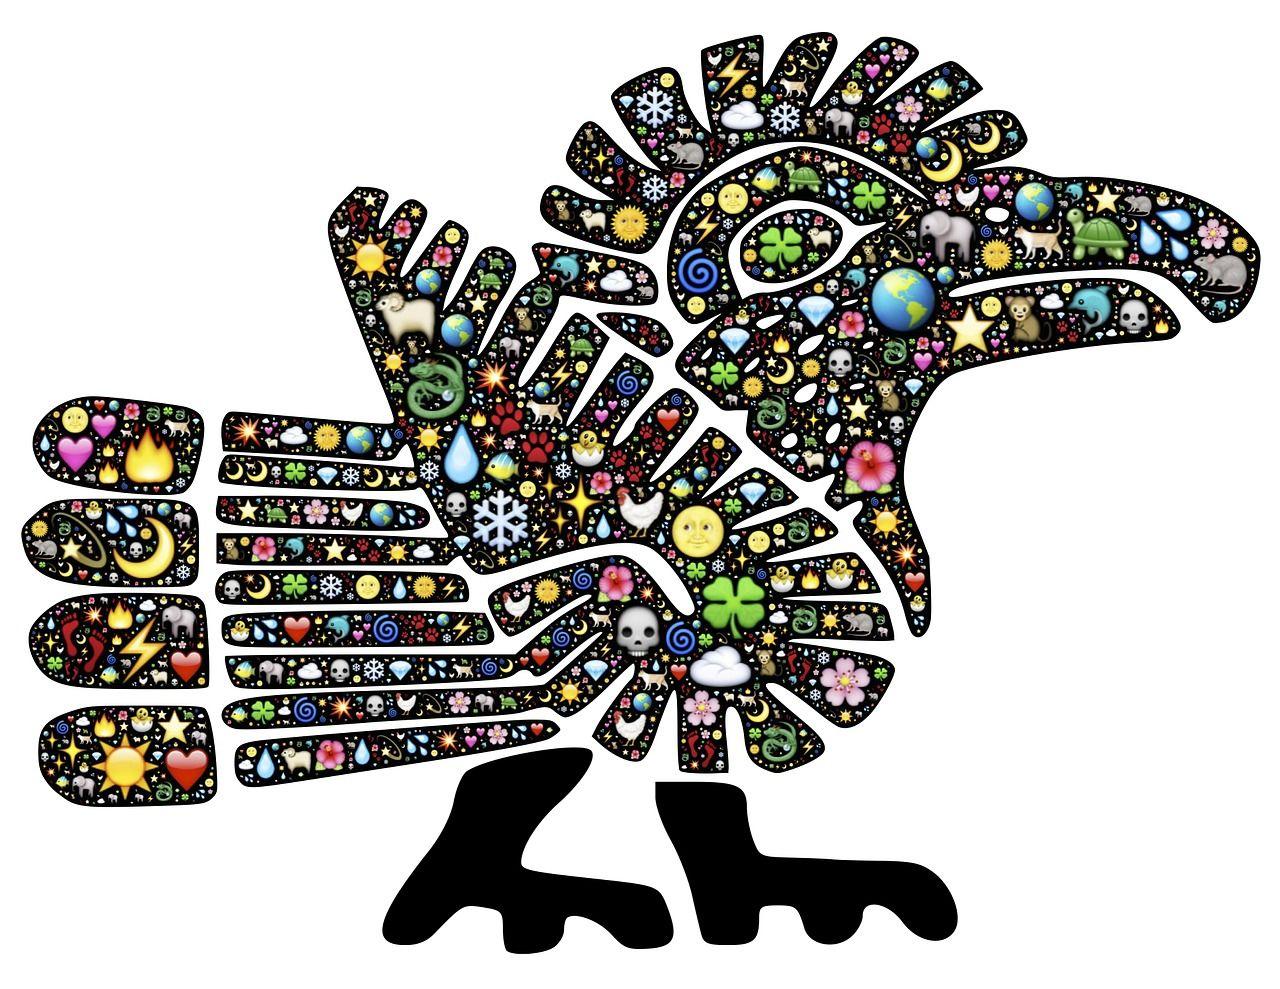 aves mitológicas mayas